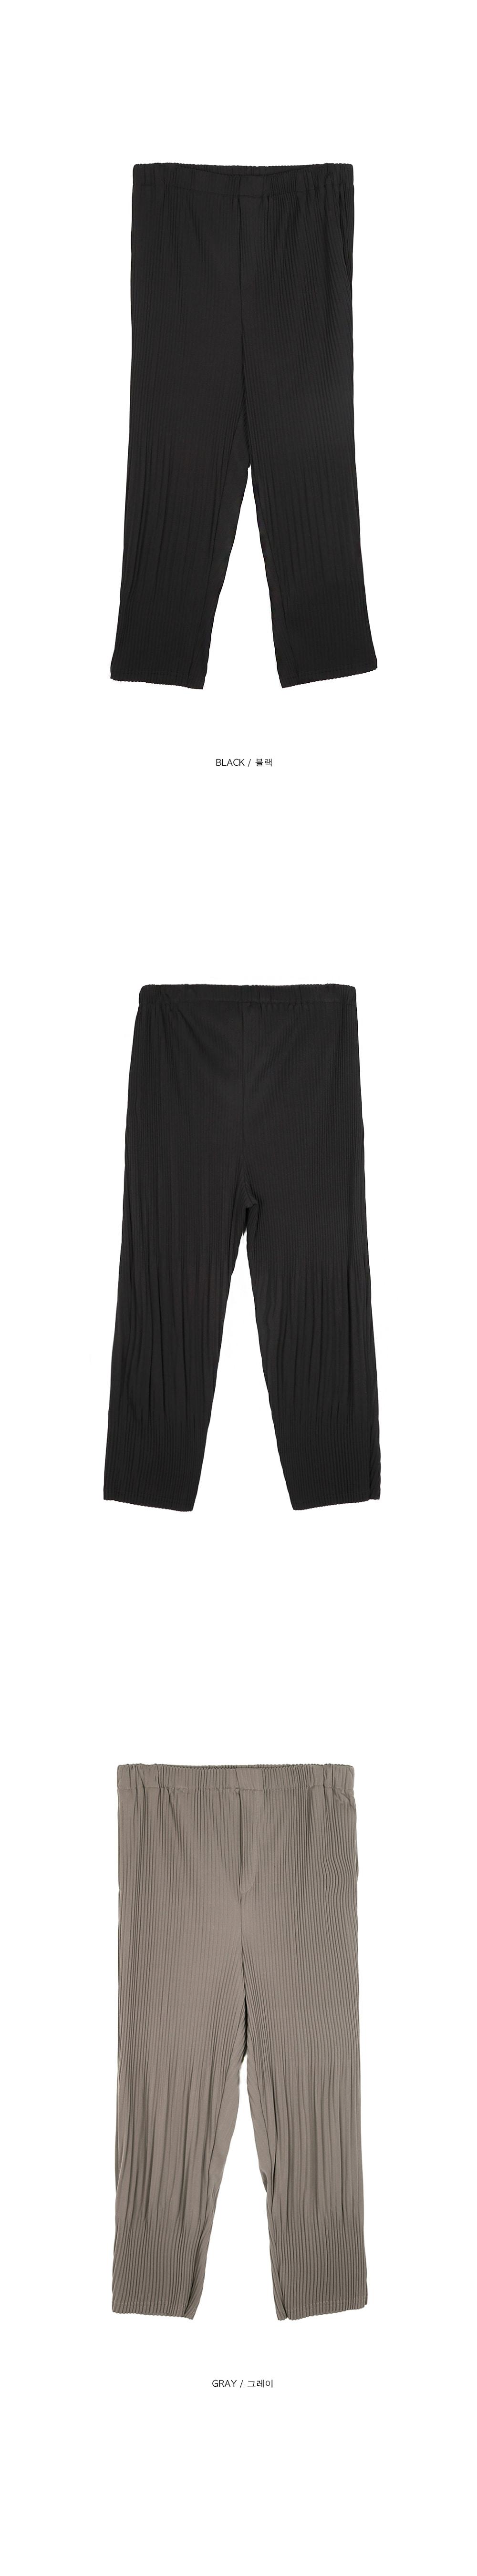 wrinkle banding pants - UNISEX